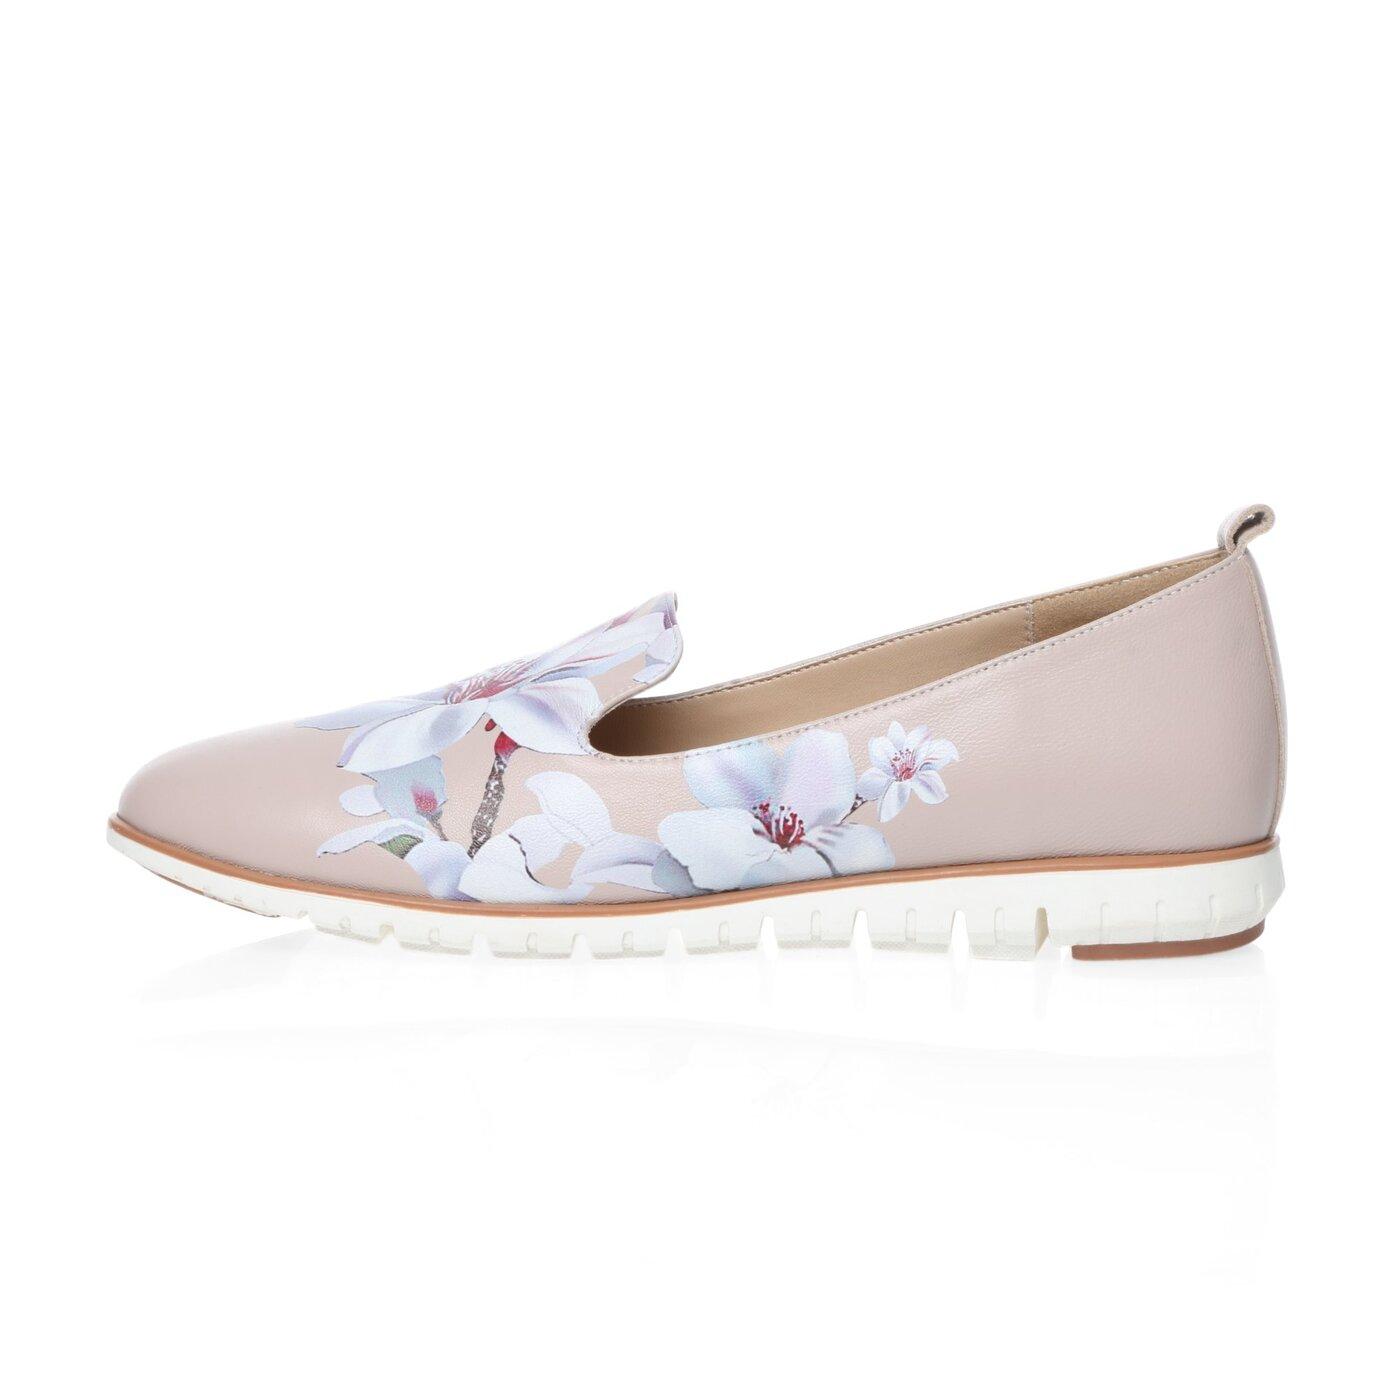 Купить Обувь Mascotte В Интернет Магазине